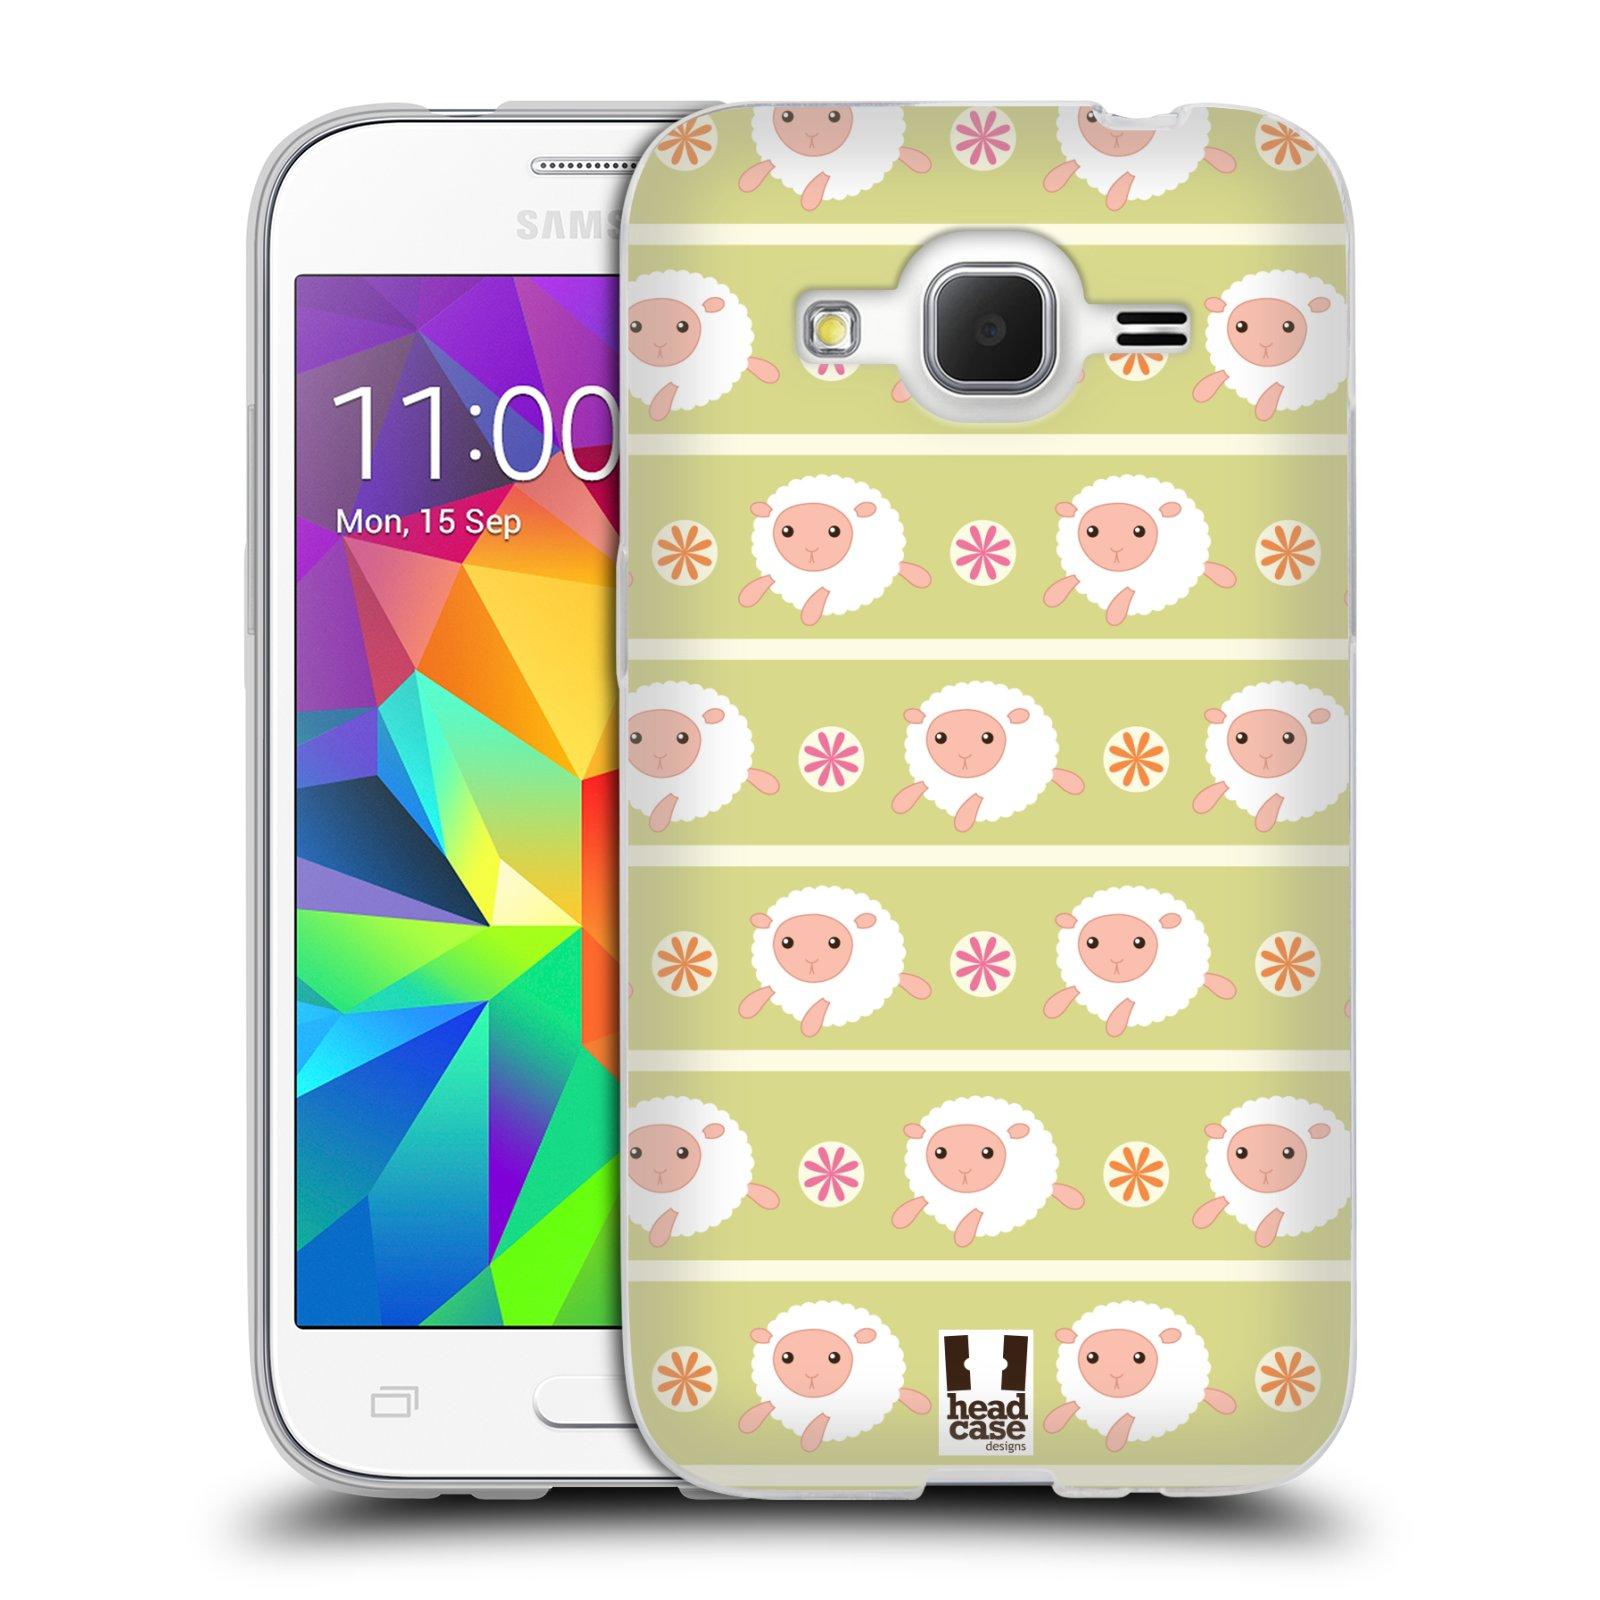 HEAD CASE silikonový obal na mobil Samsung Galaxy Core Prime (G360) vzor roztomilé zvířecí vzory ovečky